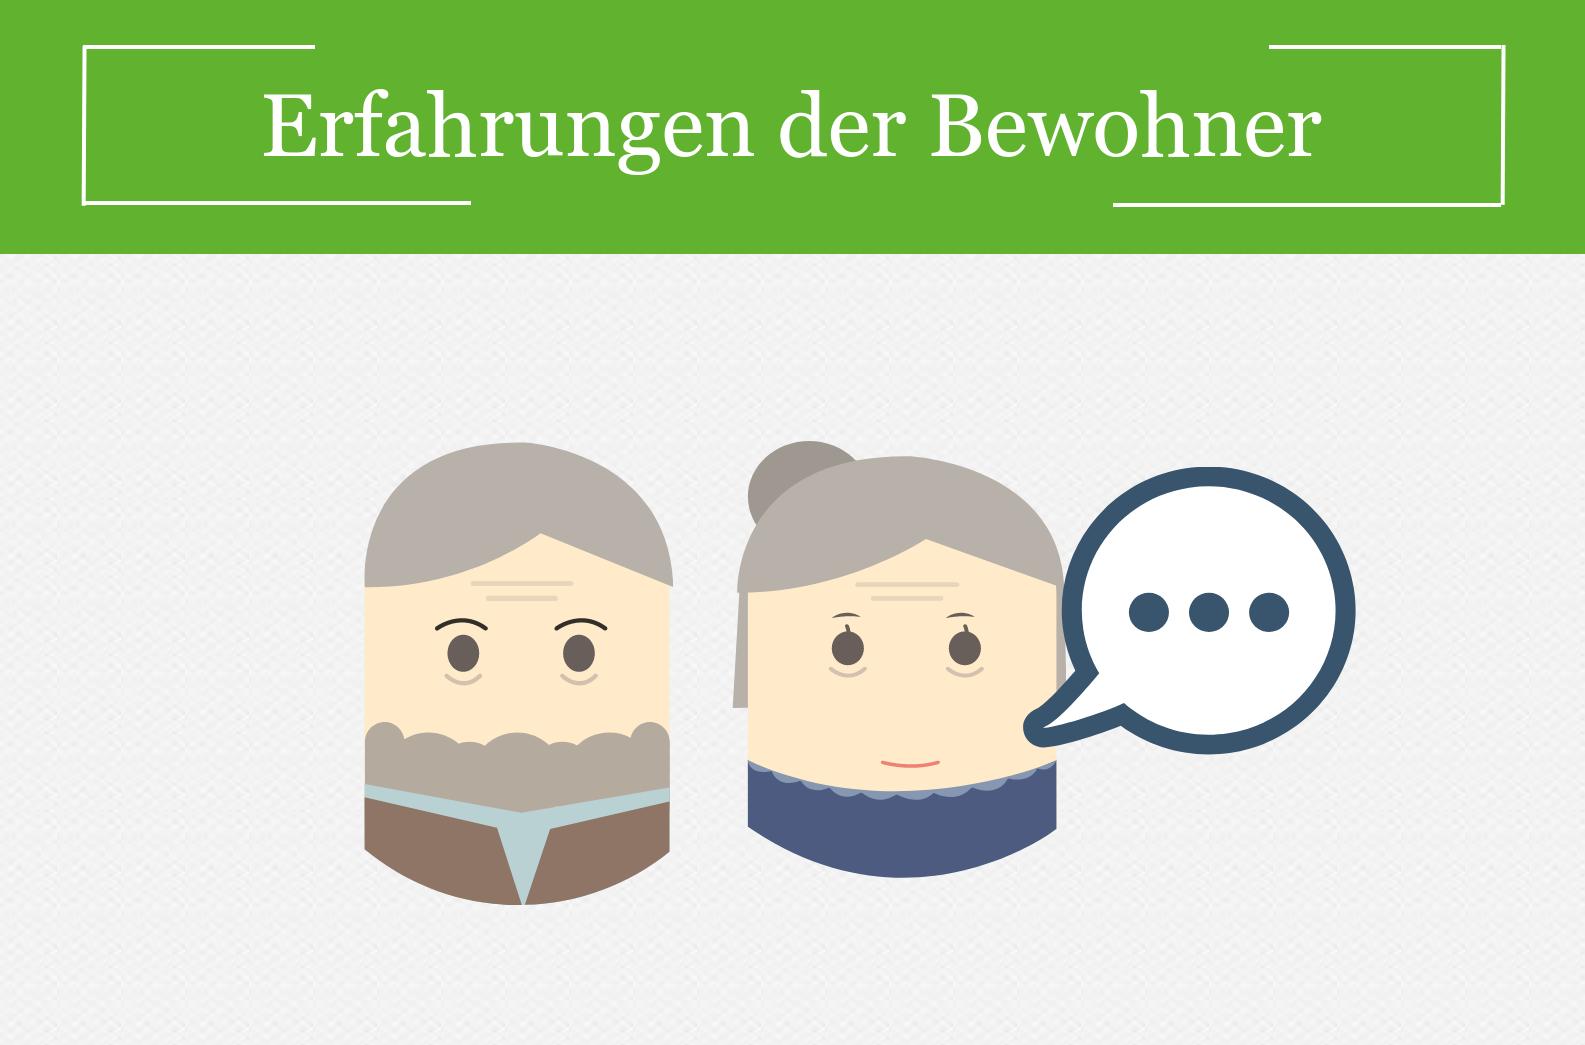 Gemütlich Rn Wieder Pflegeheim Erfahrung Fotos - Entry Level Resume ...